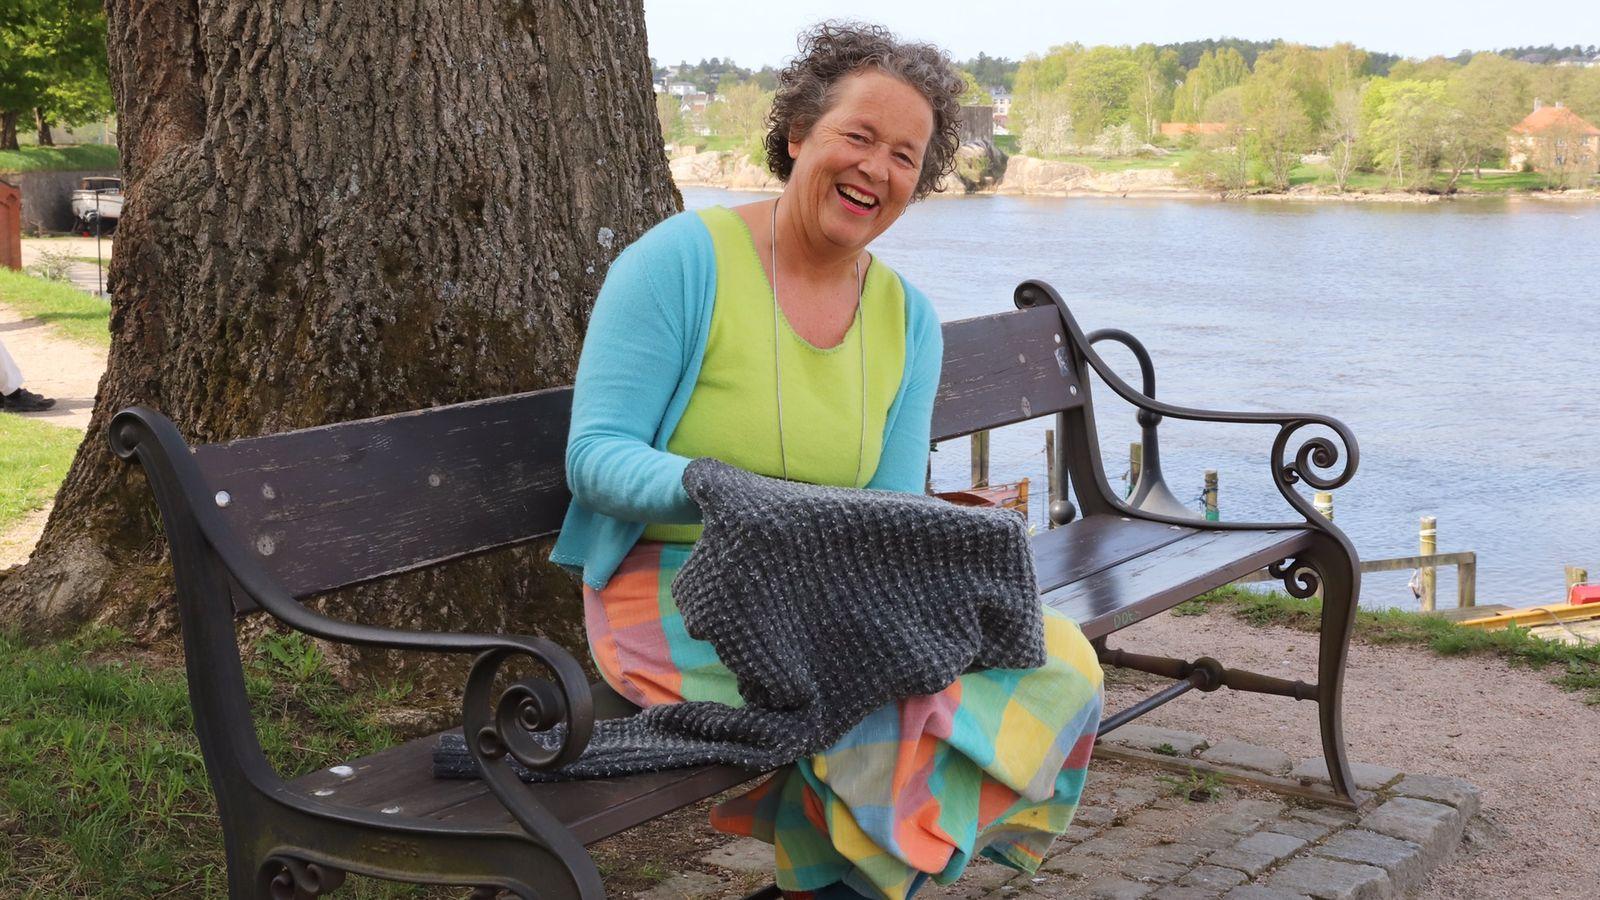 En dame sitter på en benk med genseren i hendene